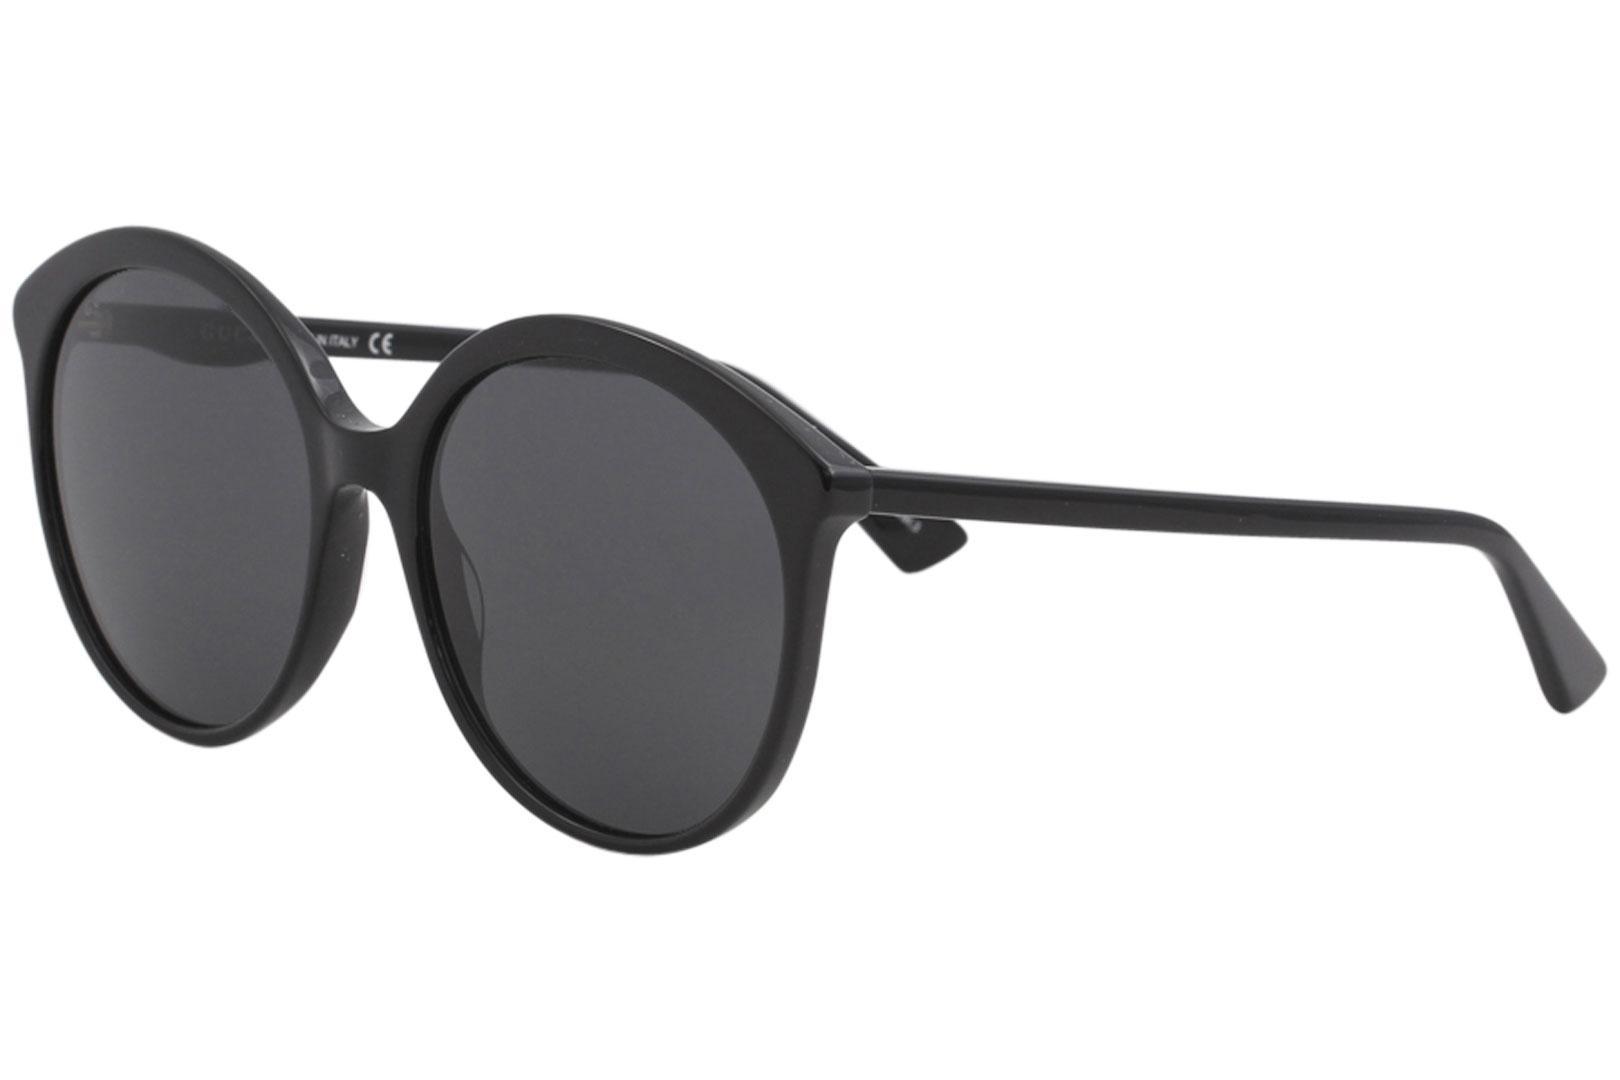 ad9597c3c21 Gucci Women's Urban GG0257S GG/0257/S Fashion Round Sunglasses